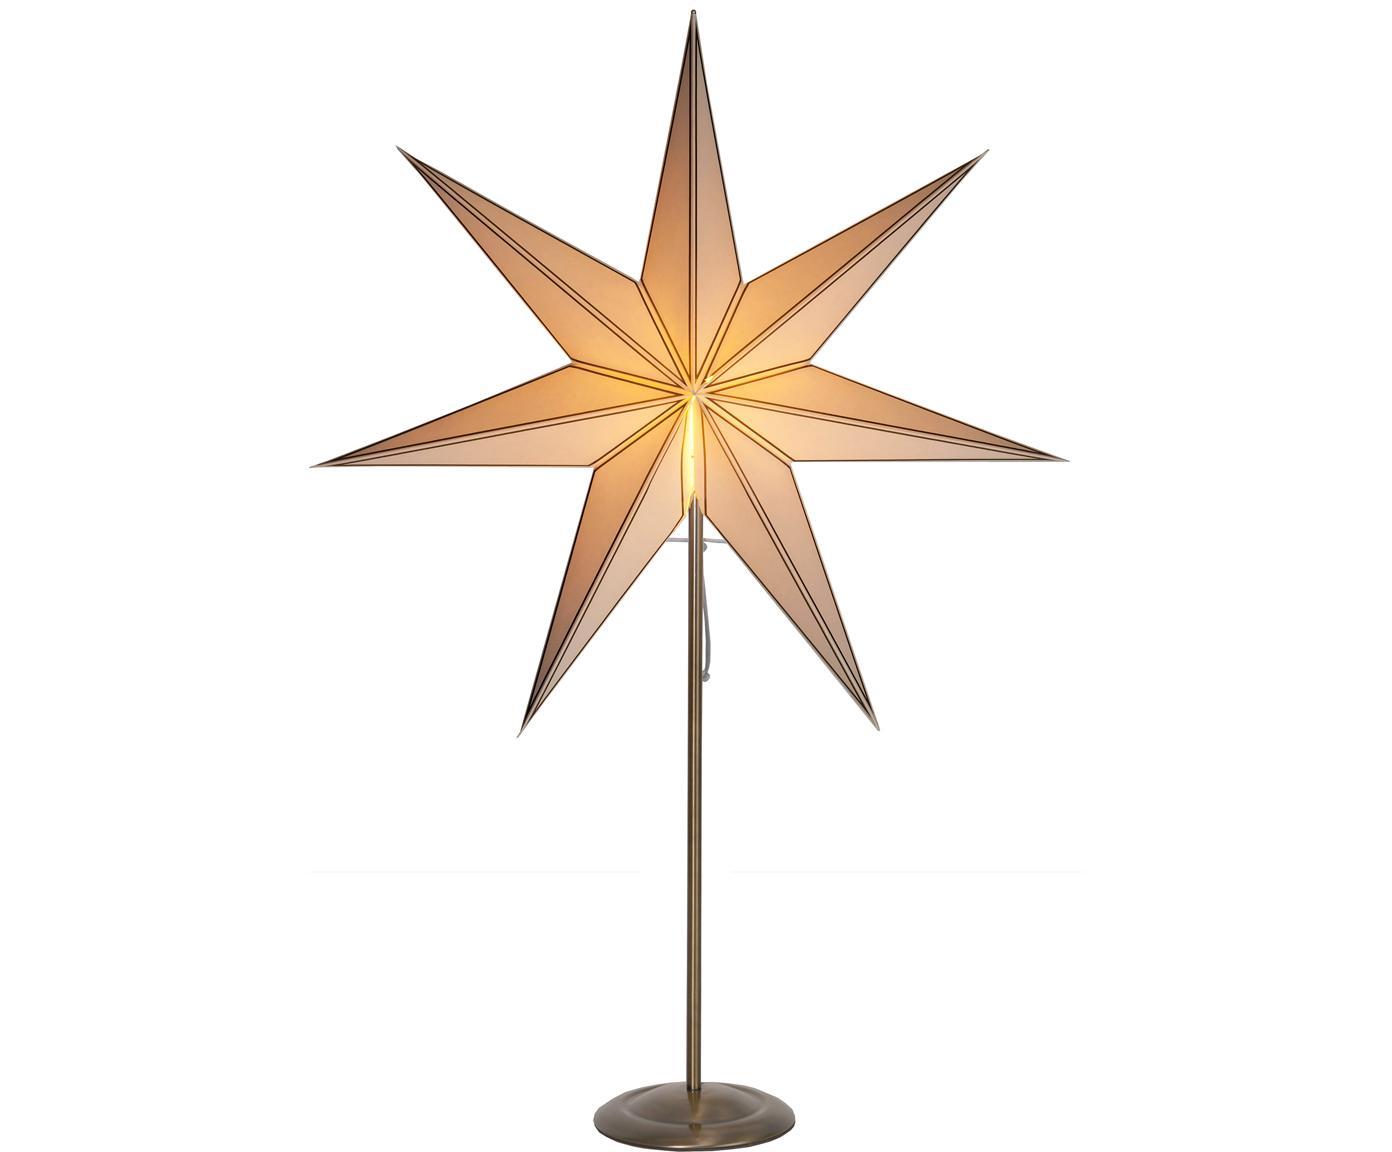 Lampa dekoracyjna z wtyczką Nicolas, Beżowy, odcienie mosiądzu z antycznym wykończeniem, S 60 x W 90 cm